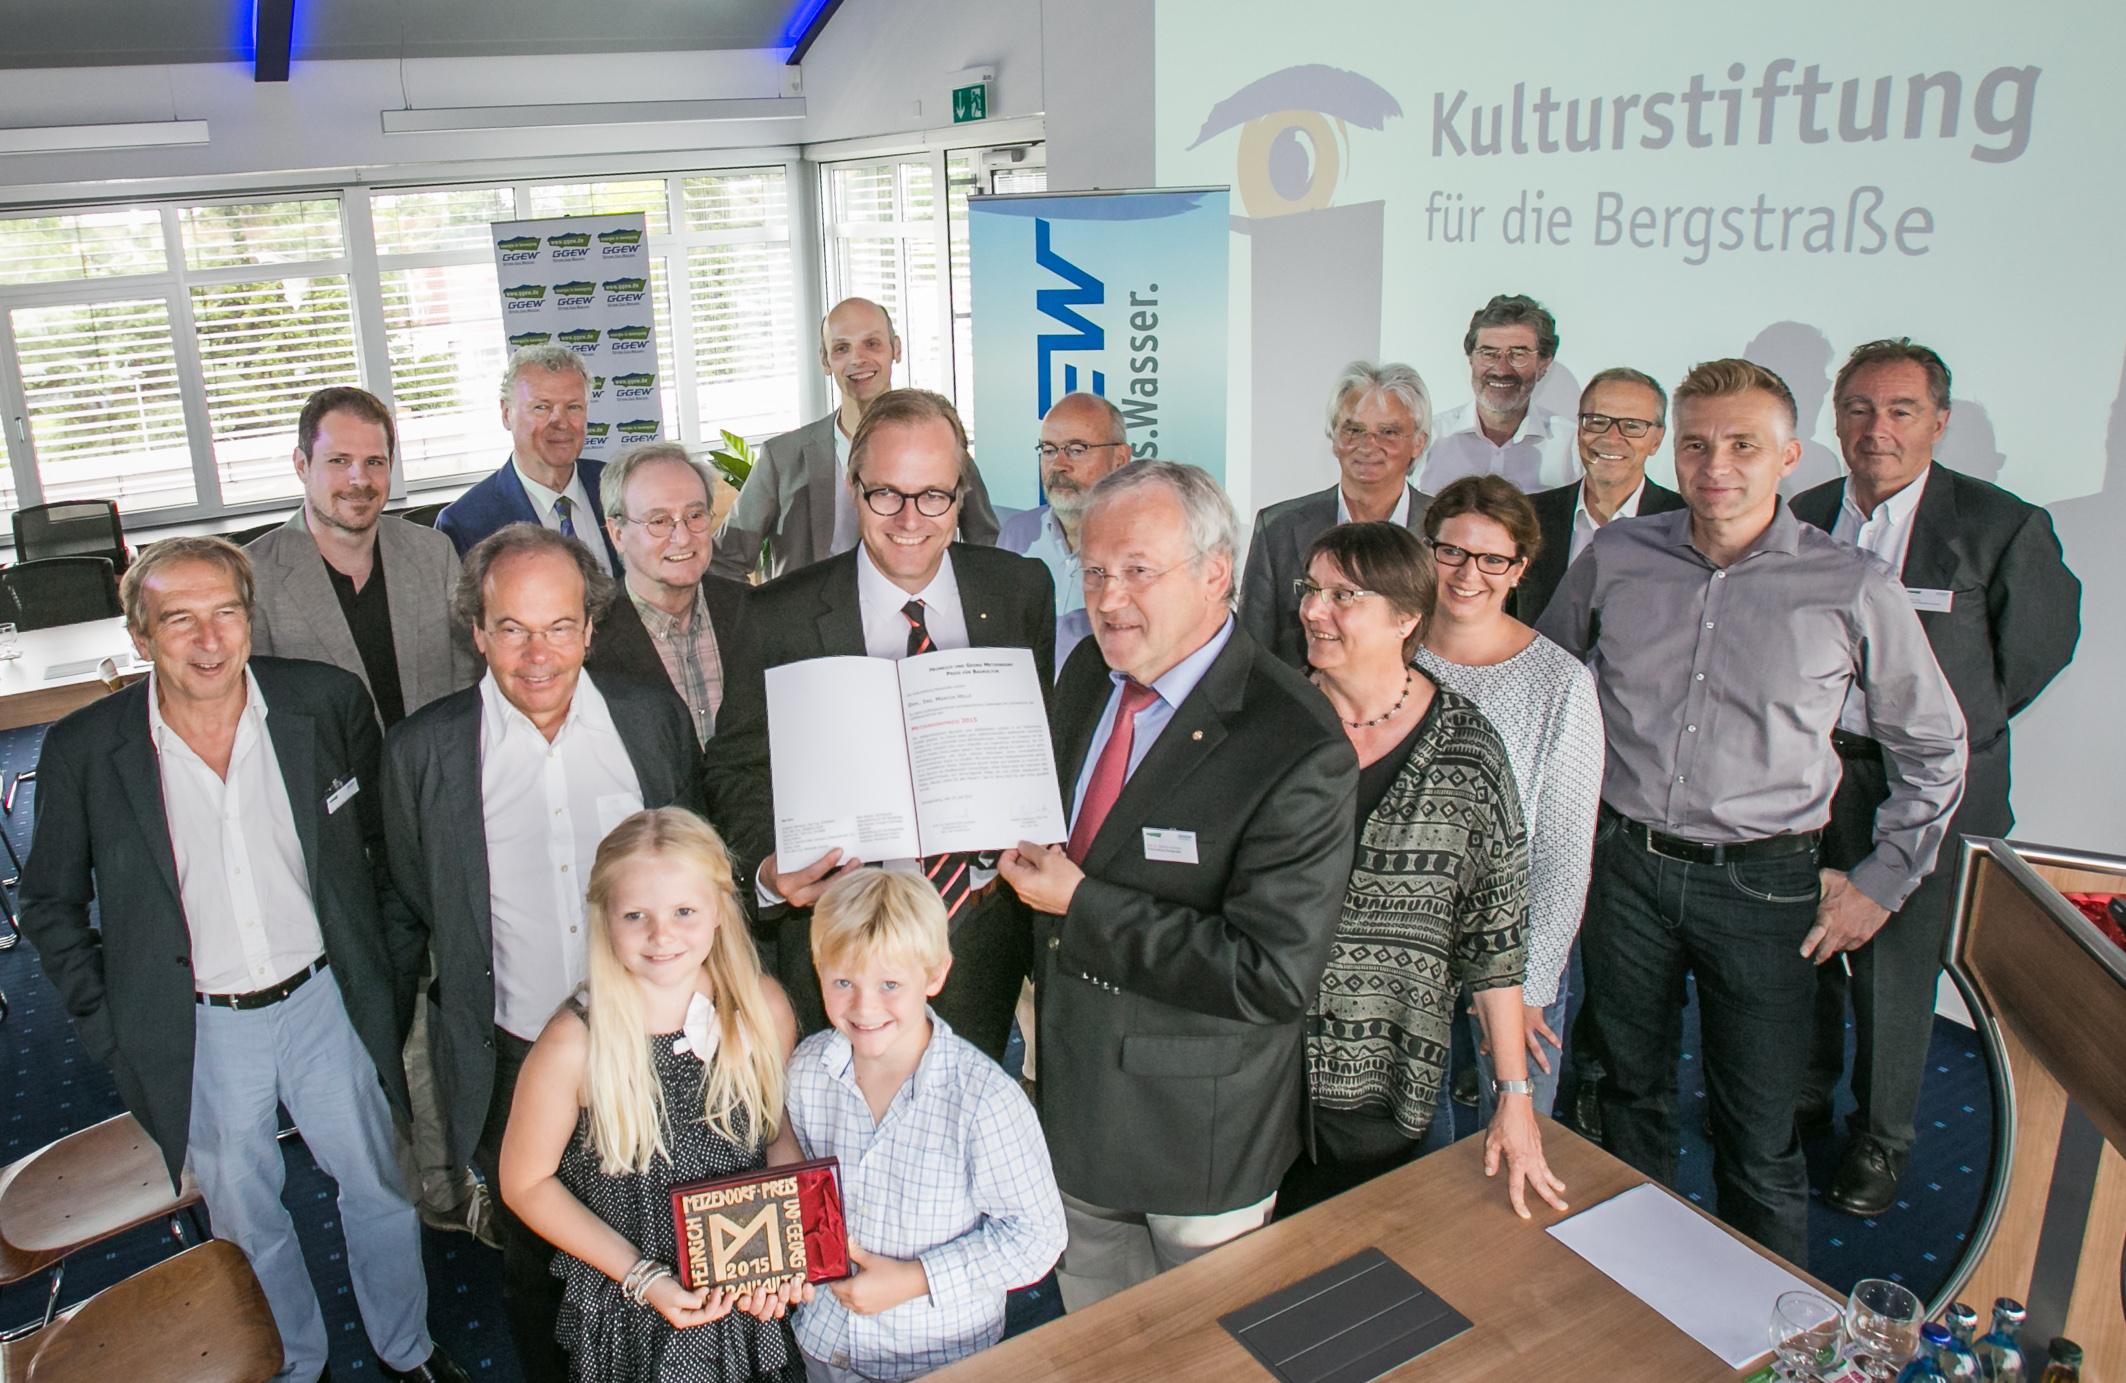 Architekt Bensheim kulturstiftung für die bergstraße